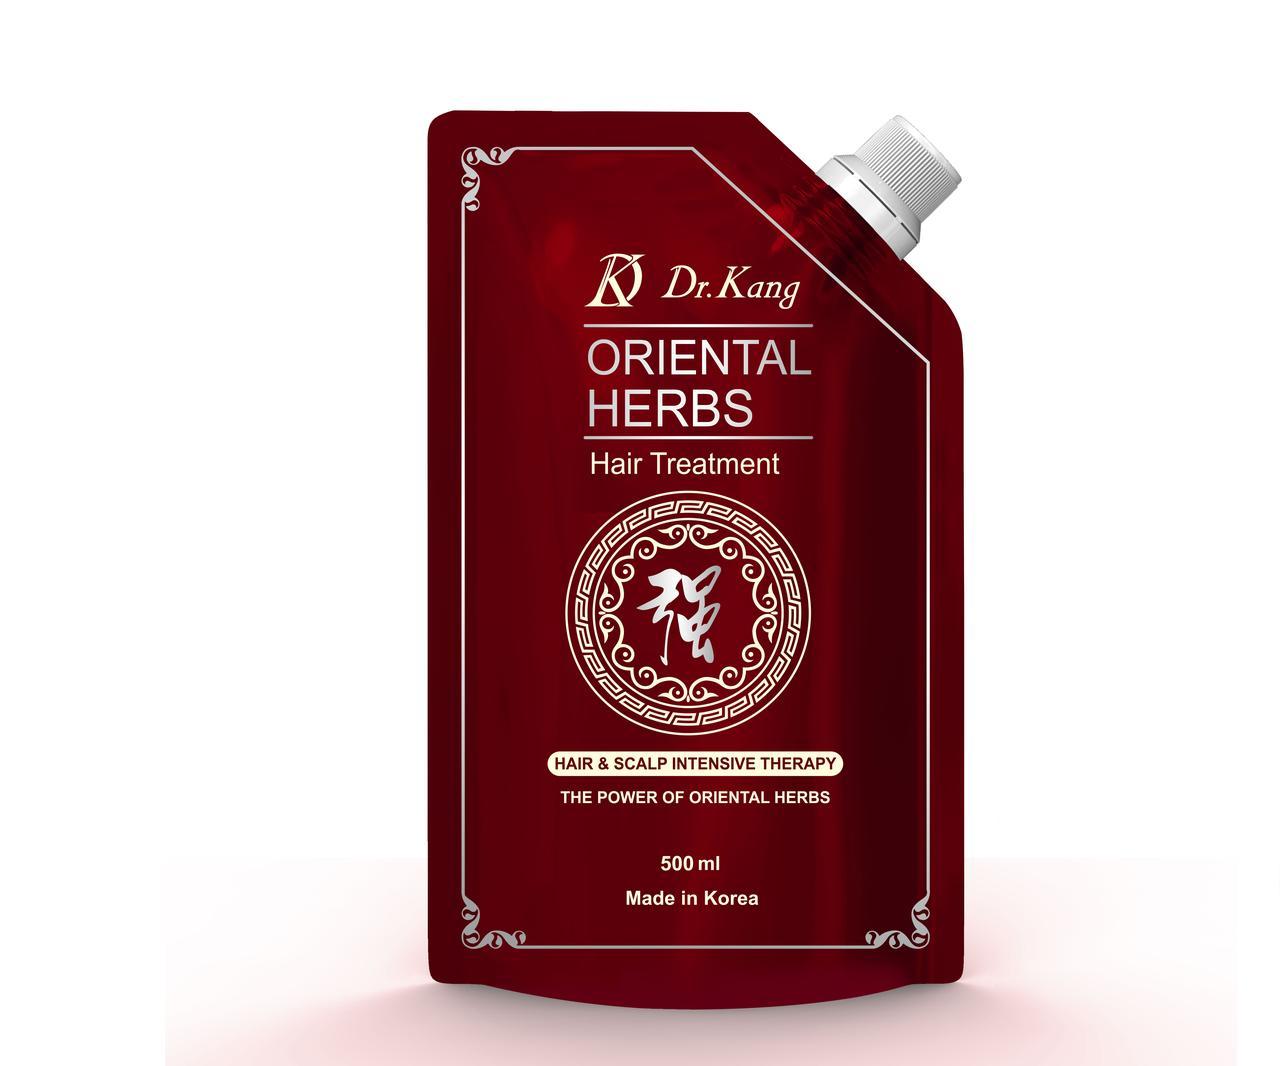 Dr.Kang Маска-бальзам для оздоровления волос и кожи головы Oriental Herbs Hair Treatment / 500 мл.